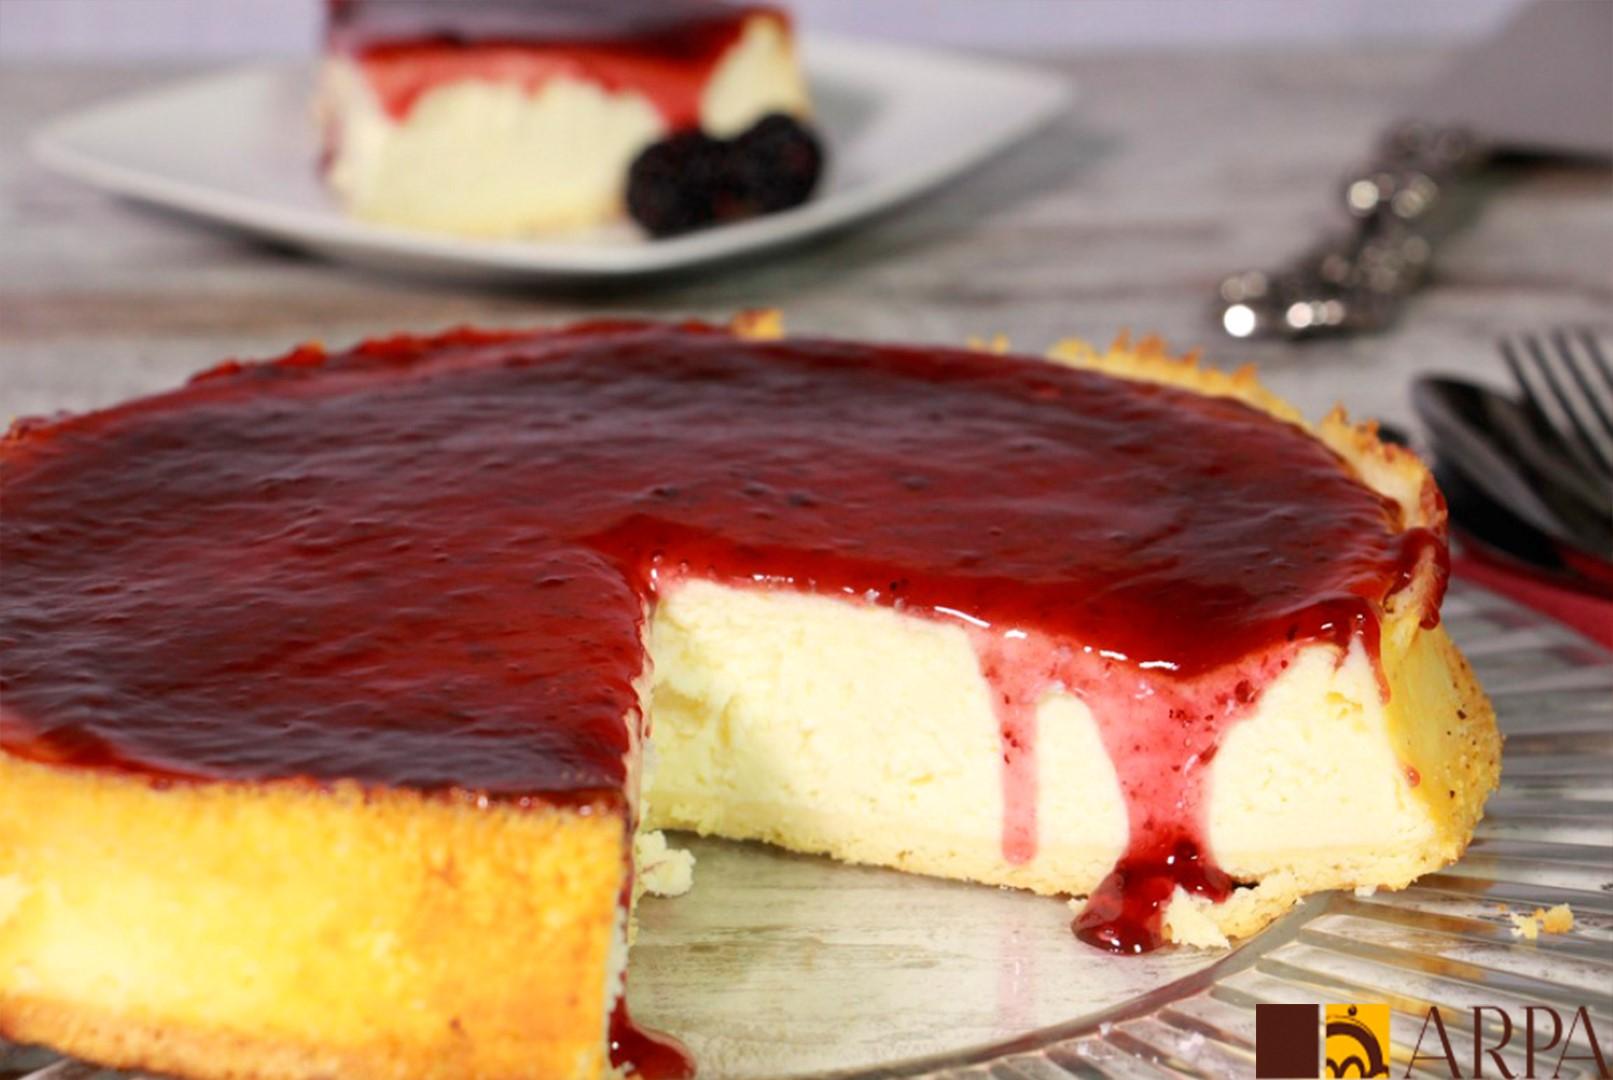 Pastel de queso crema recubierto de mermelada de frutas del bosque